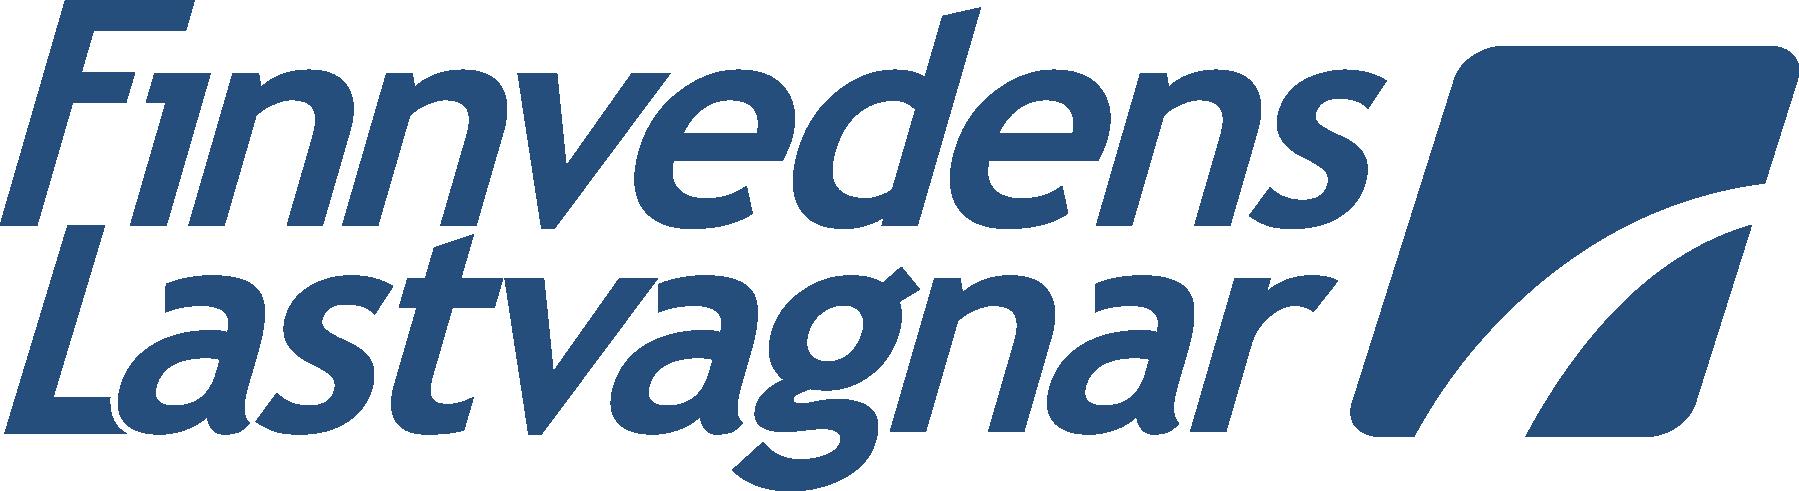 Finnvedens Lastvagnar söker Säljadministratör logotyp